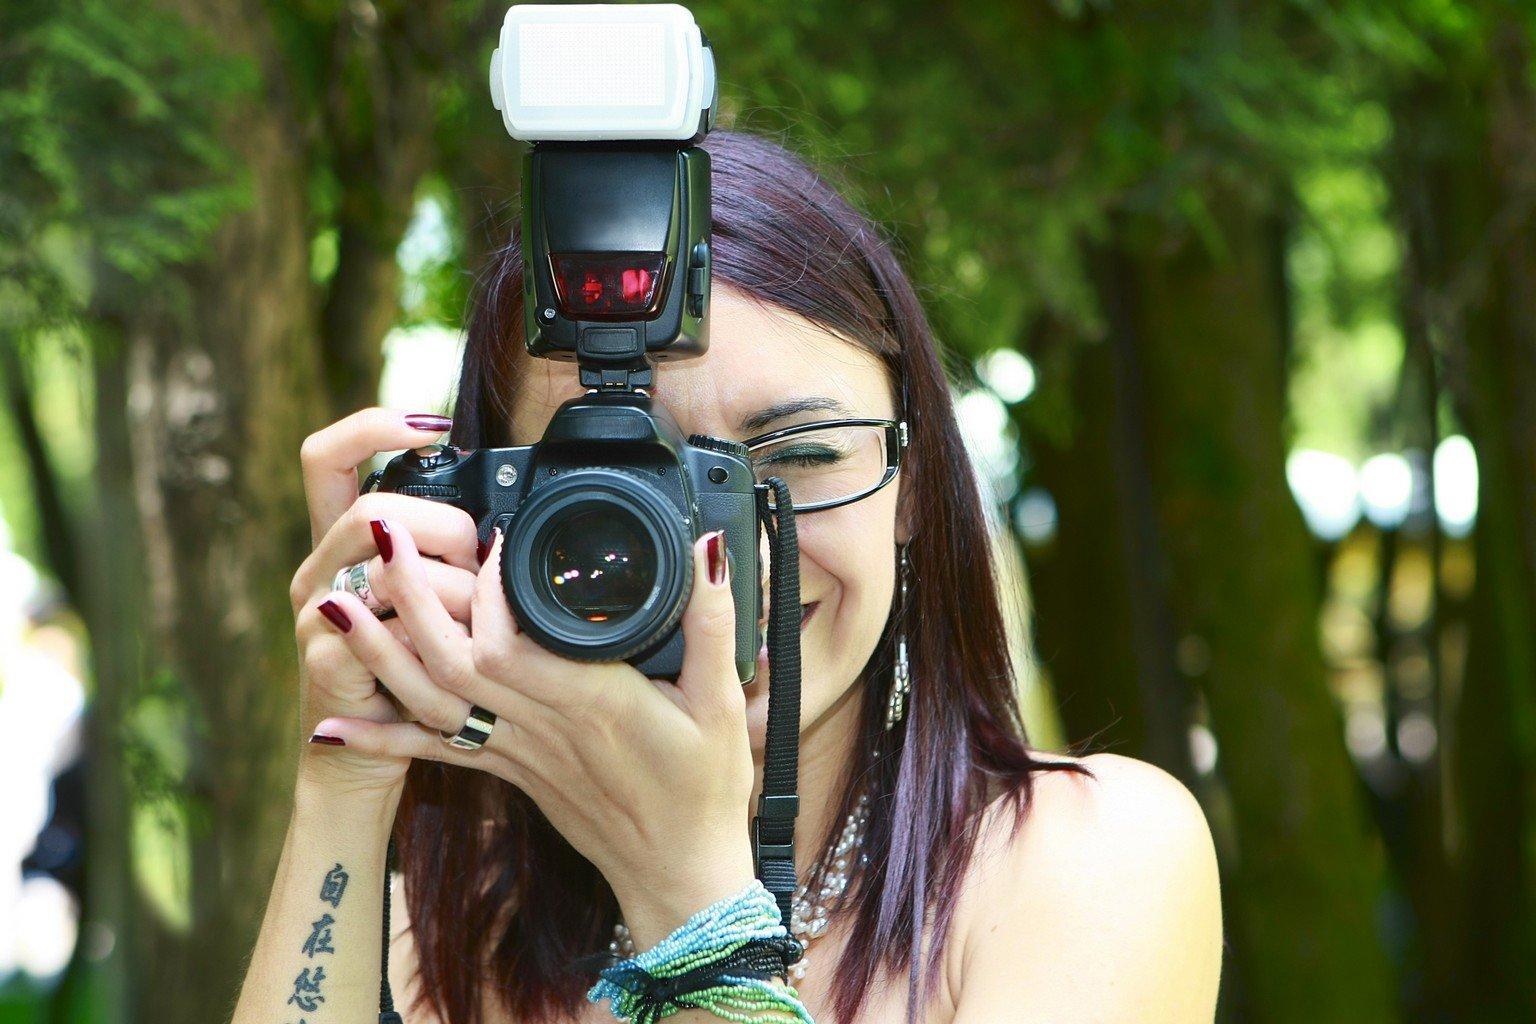 Ecole photographie : ça en vaut la peine ?